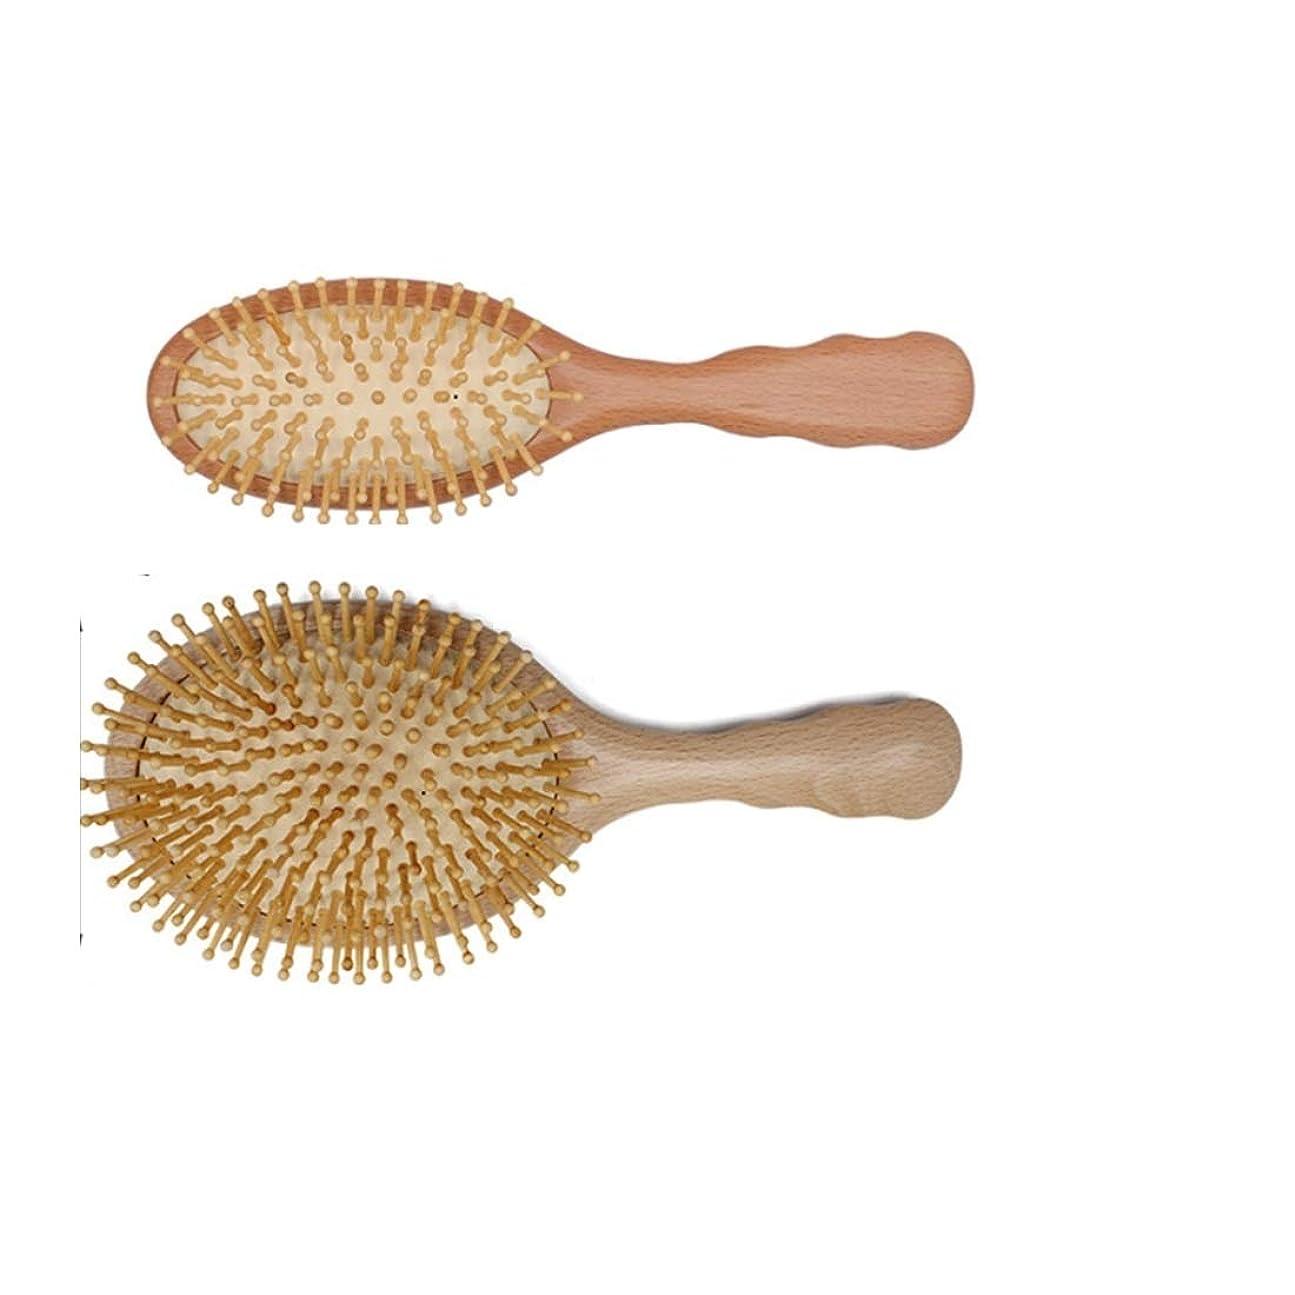 ブラシ外側低下Guomao 人のための木製の剛毛のマッサージの頭皮の櫛が付いている木製のゴム製ヘアブラシ10inch (サイズ : L)